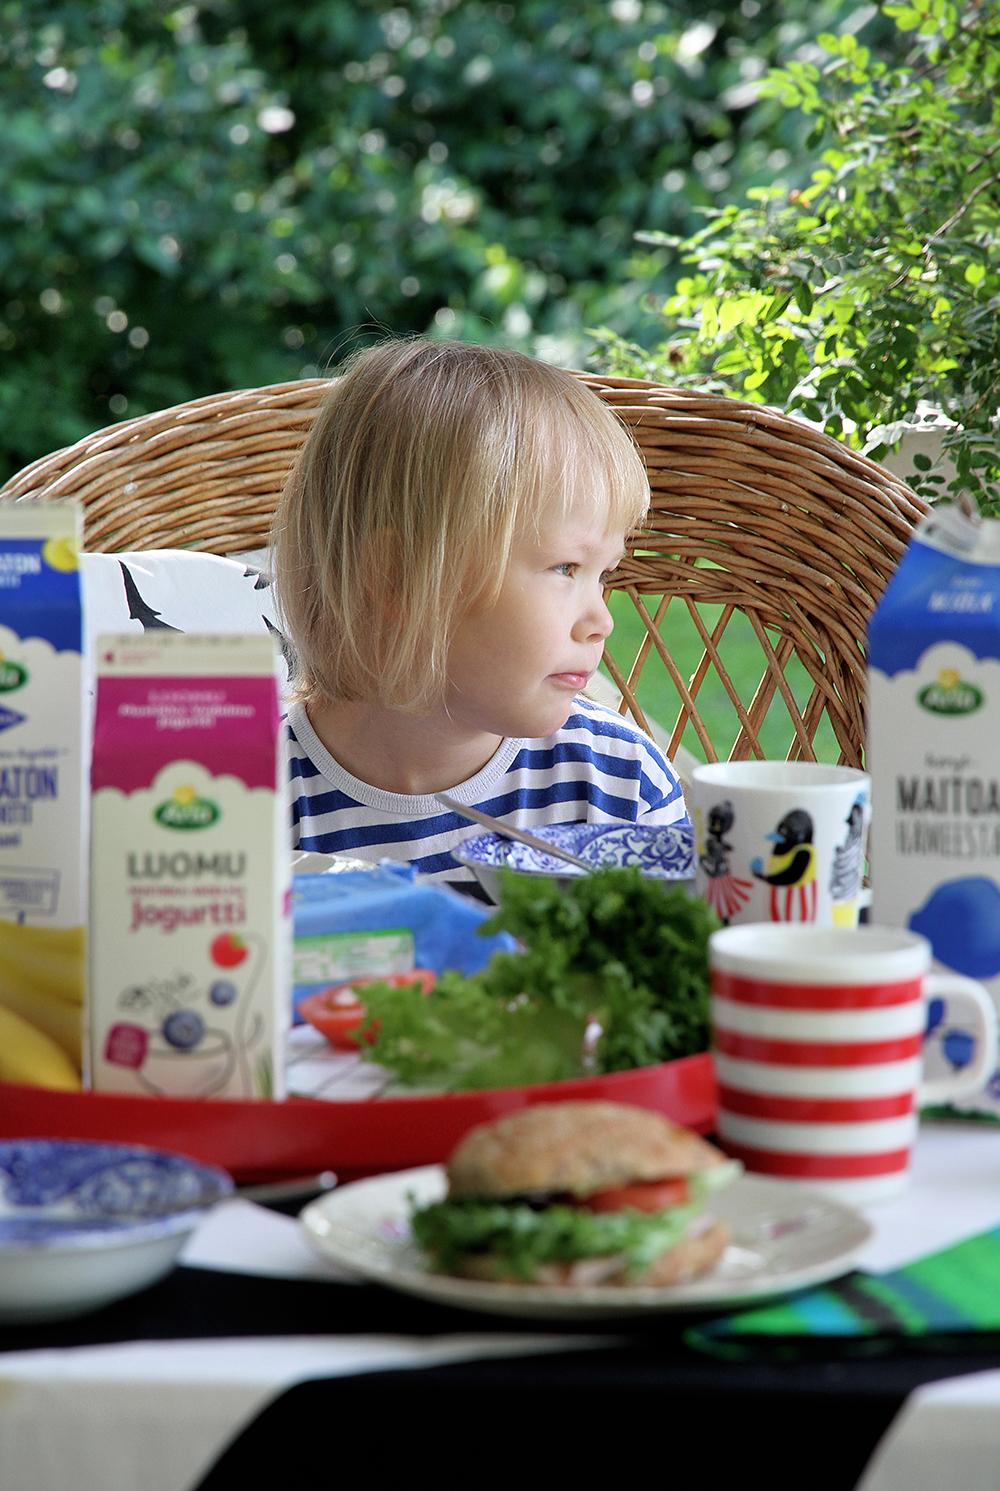 siiri marimekko arla jogurtit hunajaista aamupala aamiaiskutsu